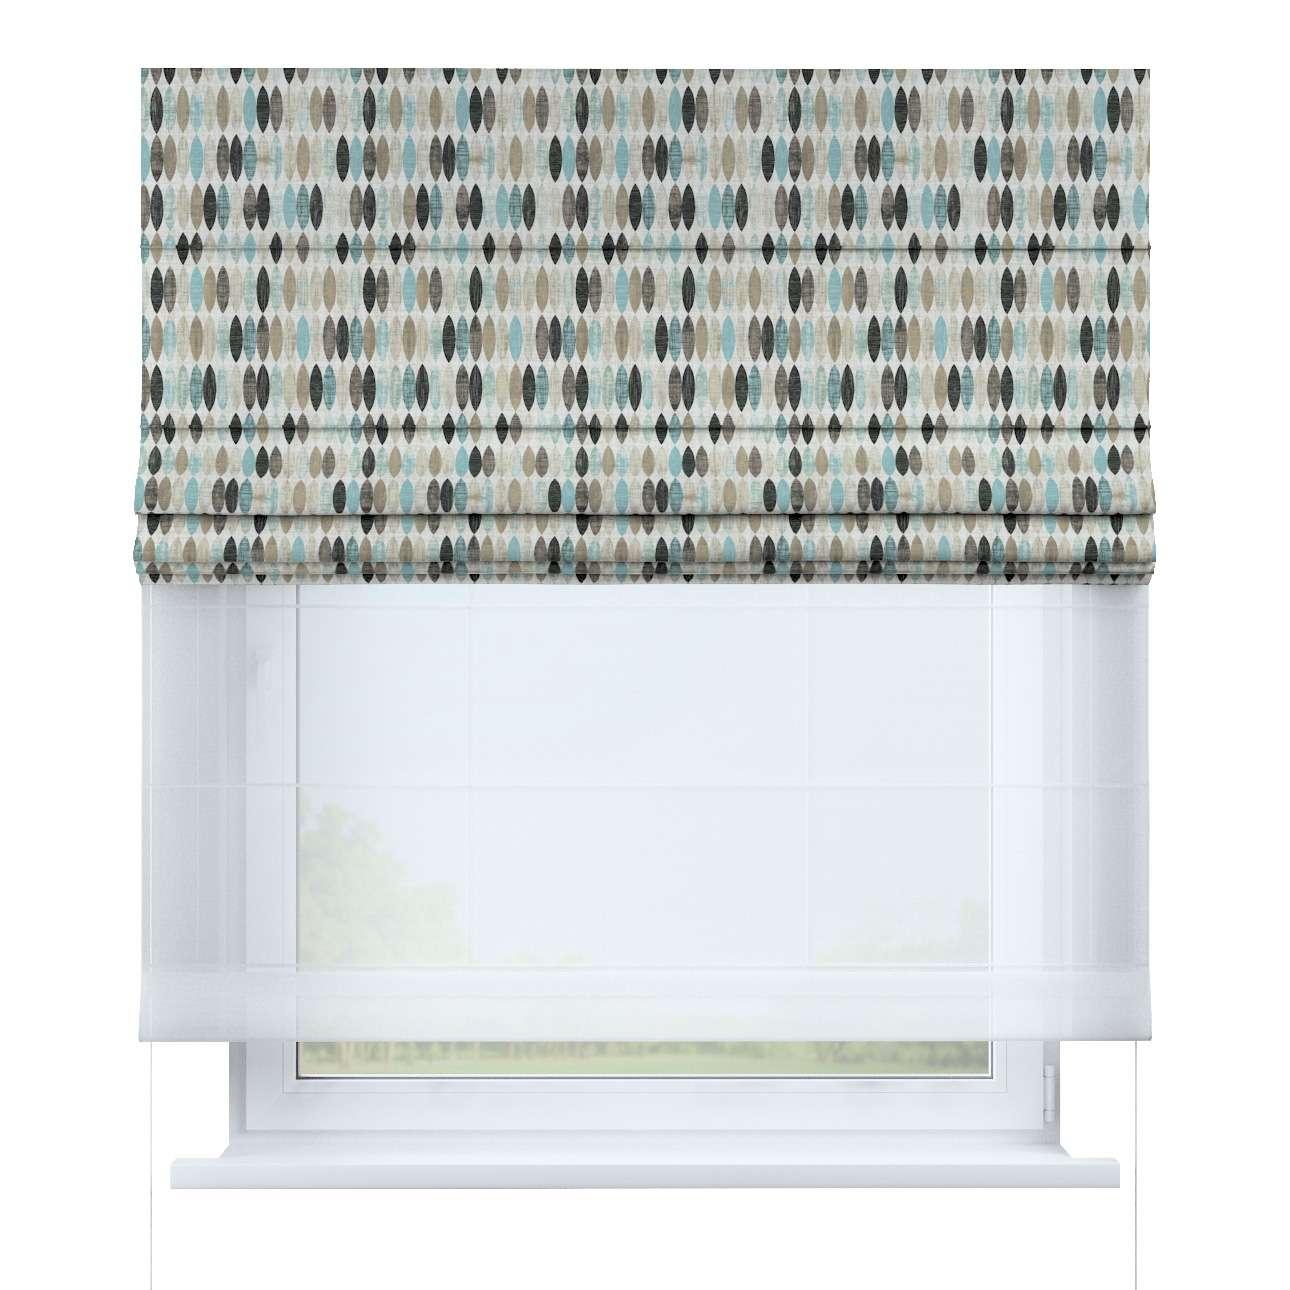 Roleta rzymska Duo 130×170cm w kolekcji Modern, tkanina: 141-91